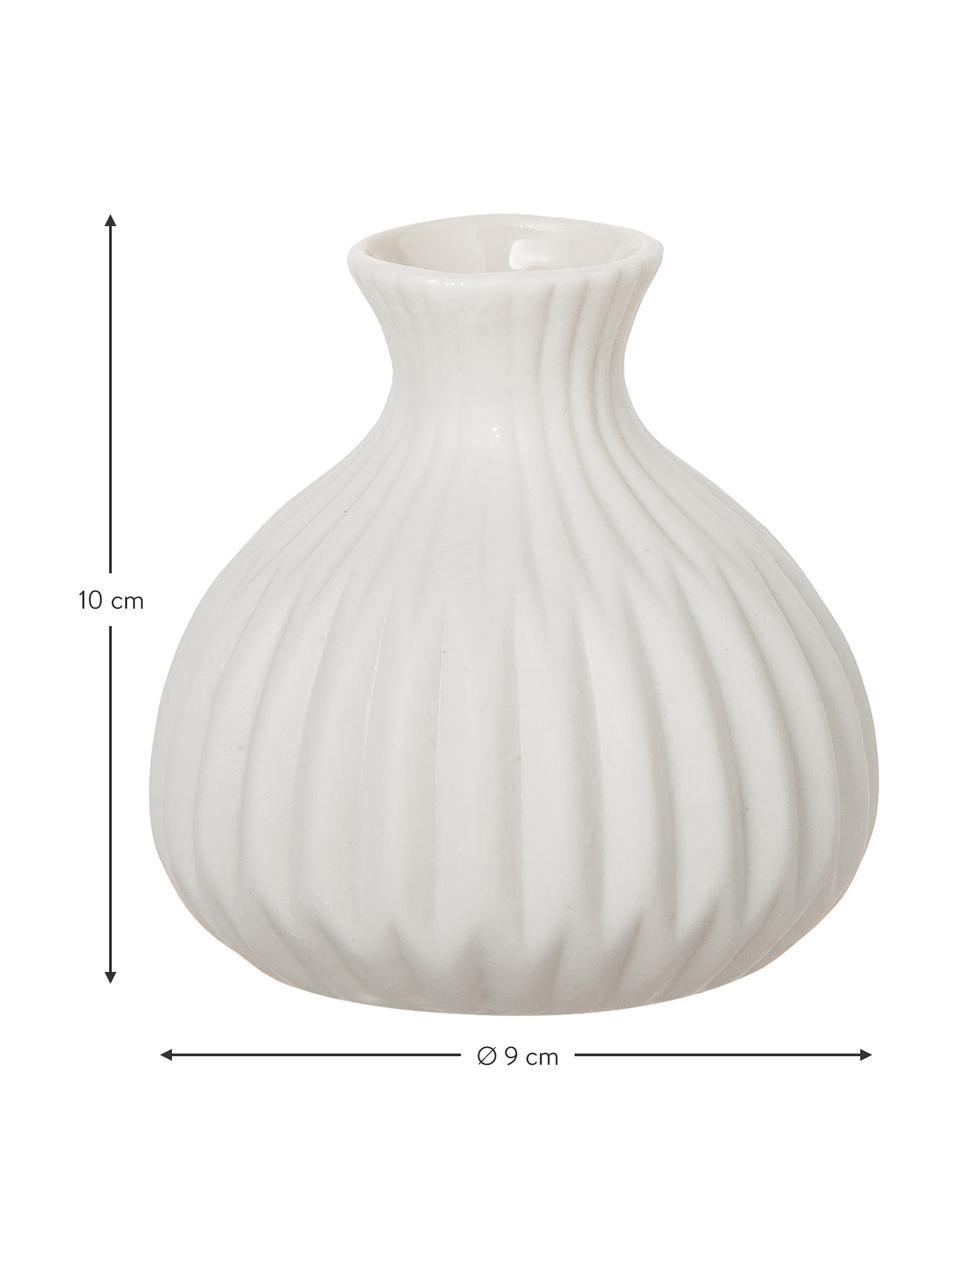 Set de jarrones de porcelana Esko, 3pzas., Porcelana, Blanco, Set de diferentes tamaños